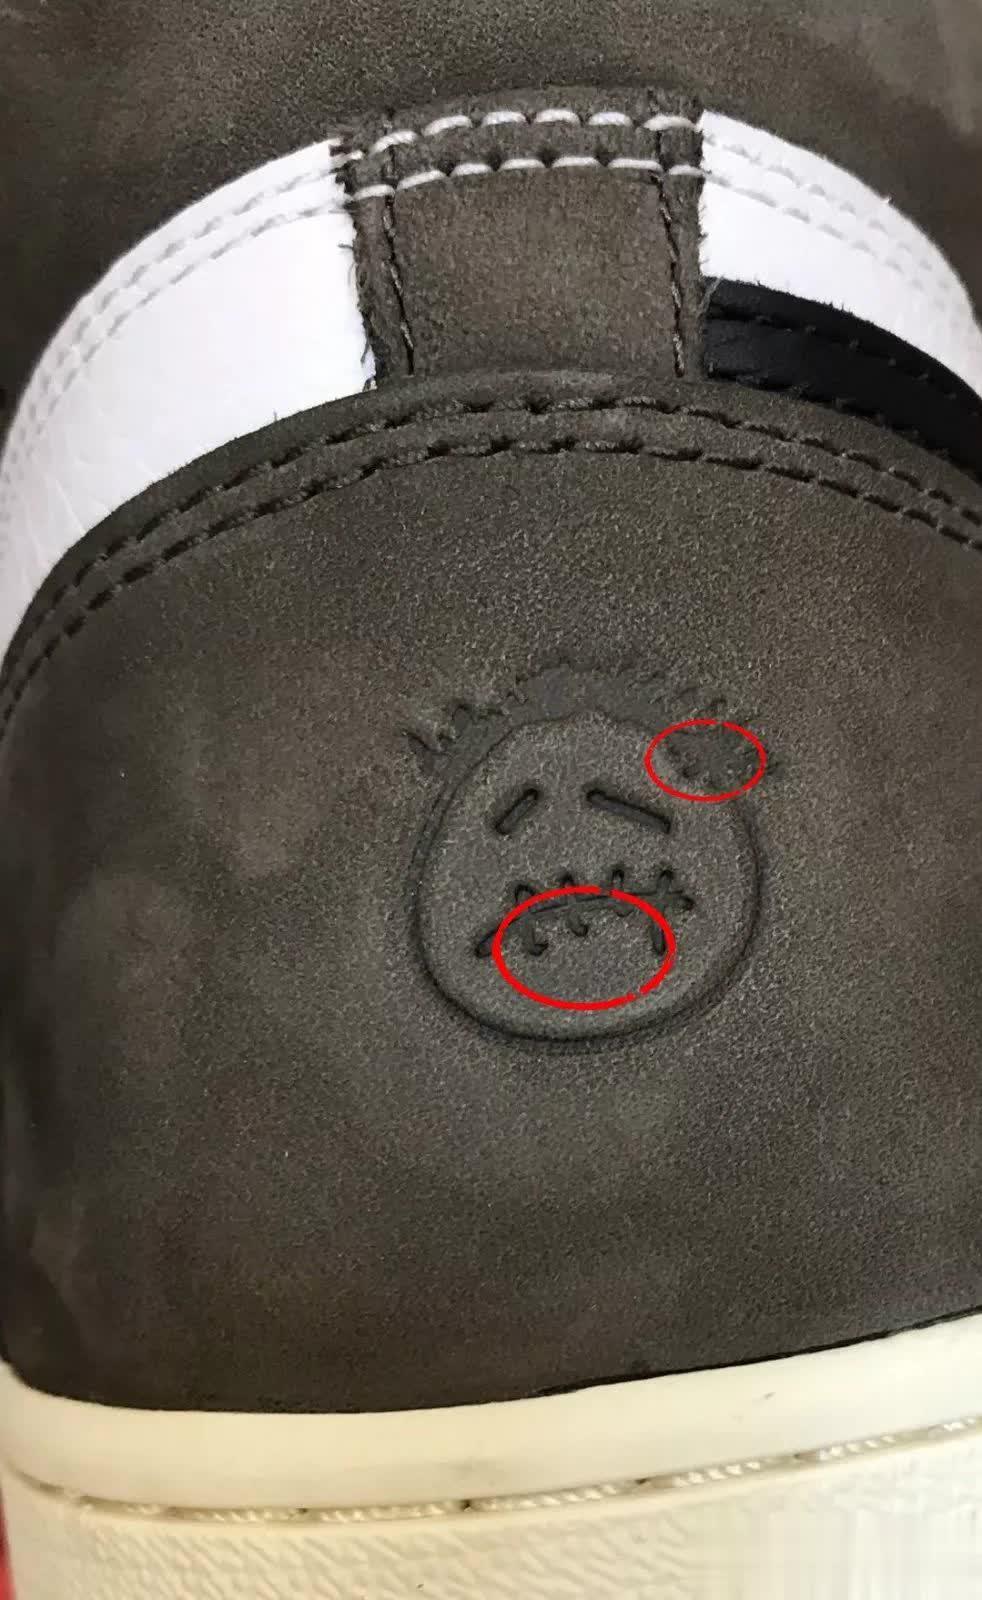 AJ1倒钩莆田鞋各版本真假对比